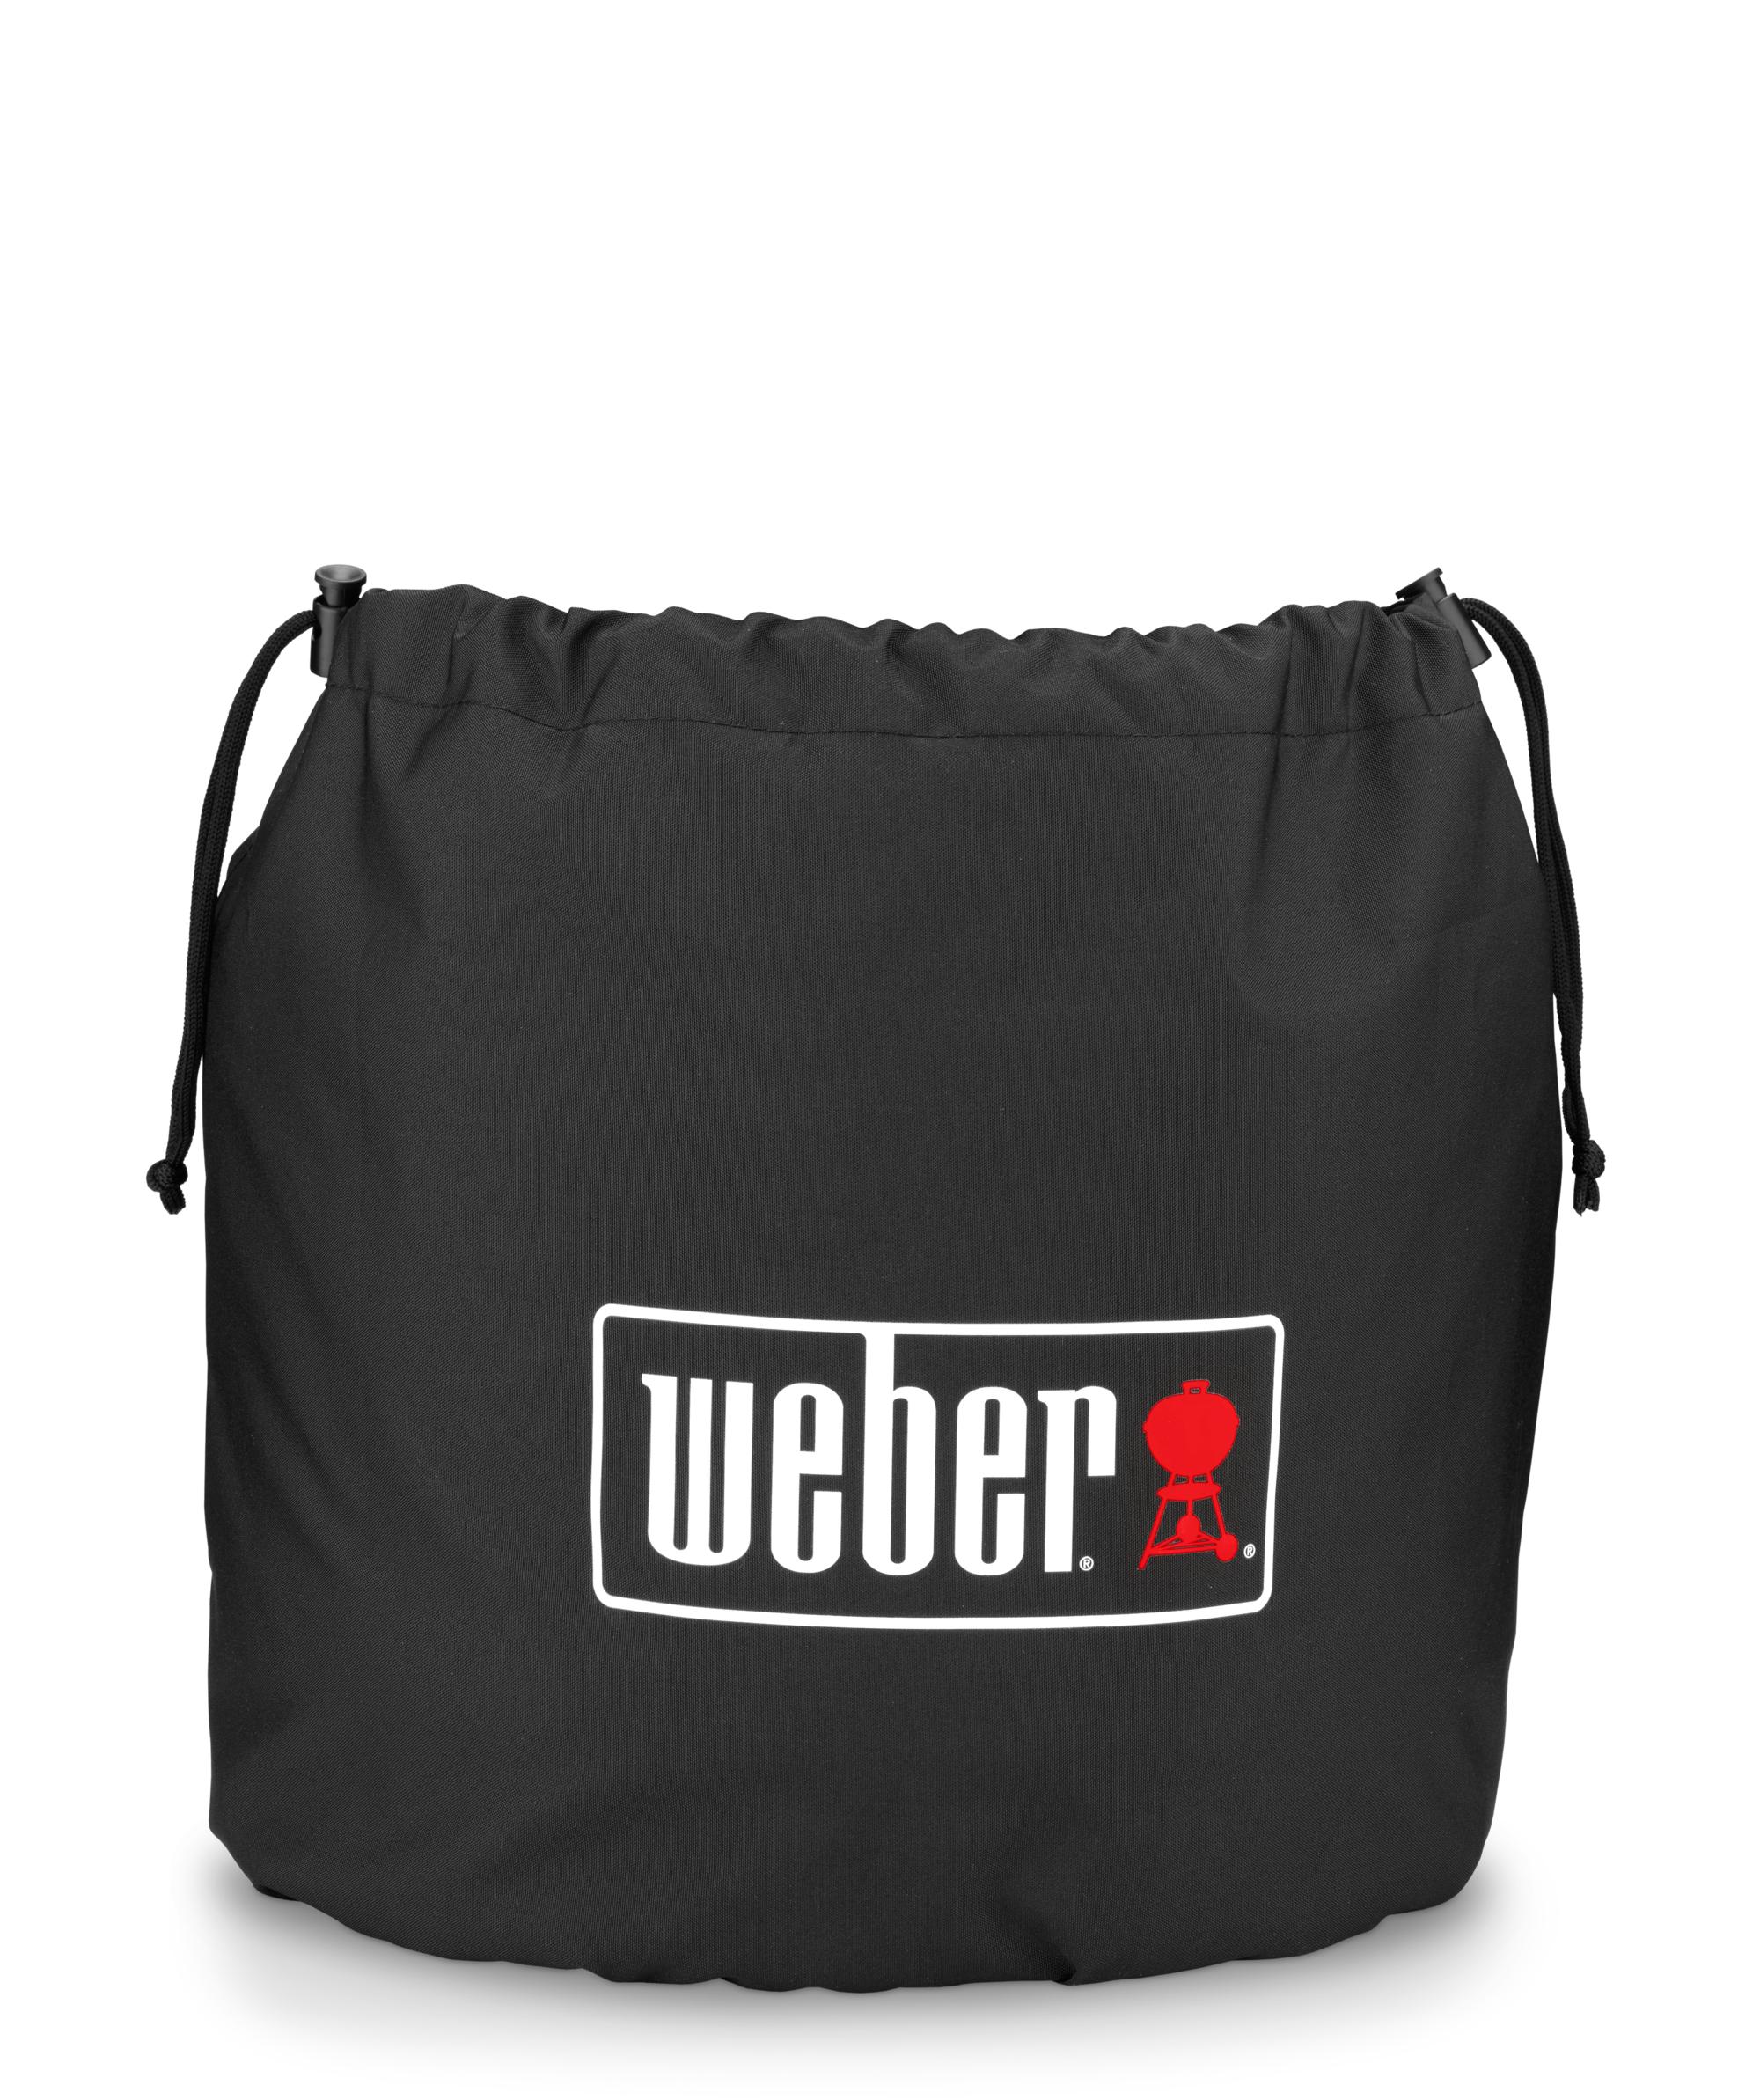 Weber Gasflaschenschutzhülle für 5kg Gasflaschen